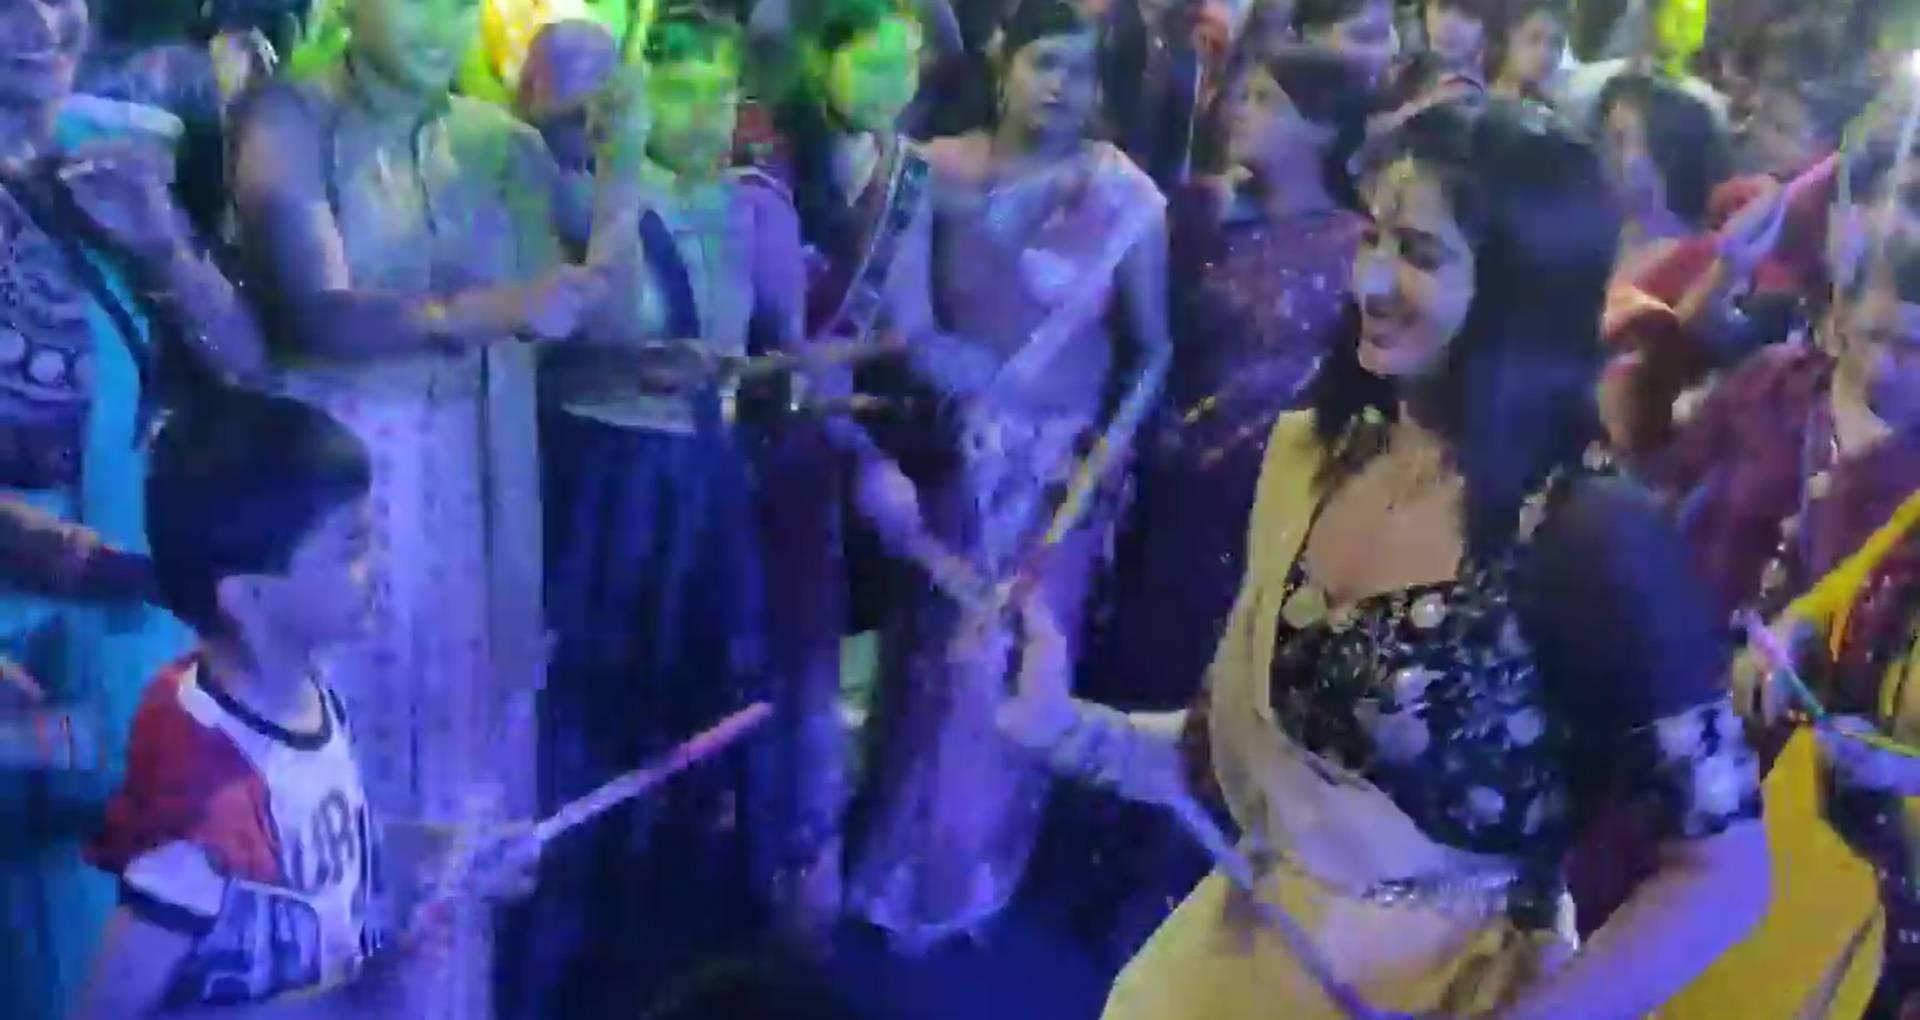 पूनम दुबे ने इस नवरात्रि फैंस के साथ मचाया धमाल, वीडियो में देखिए भोजपुरी एक्ट्रेस का ये शानदार गरबा डांस